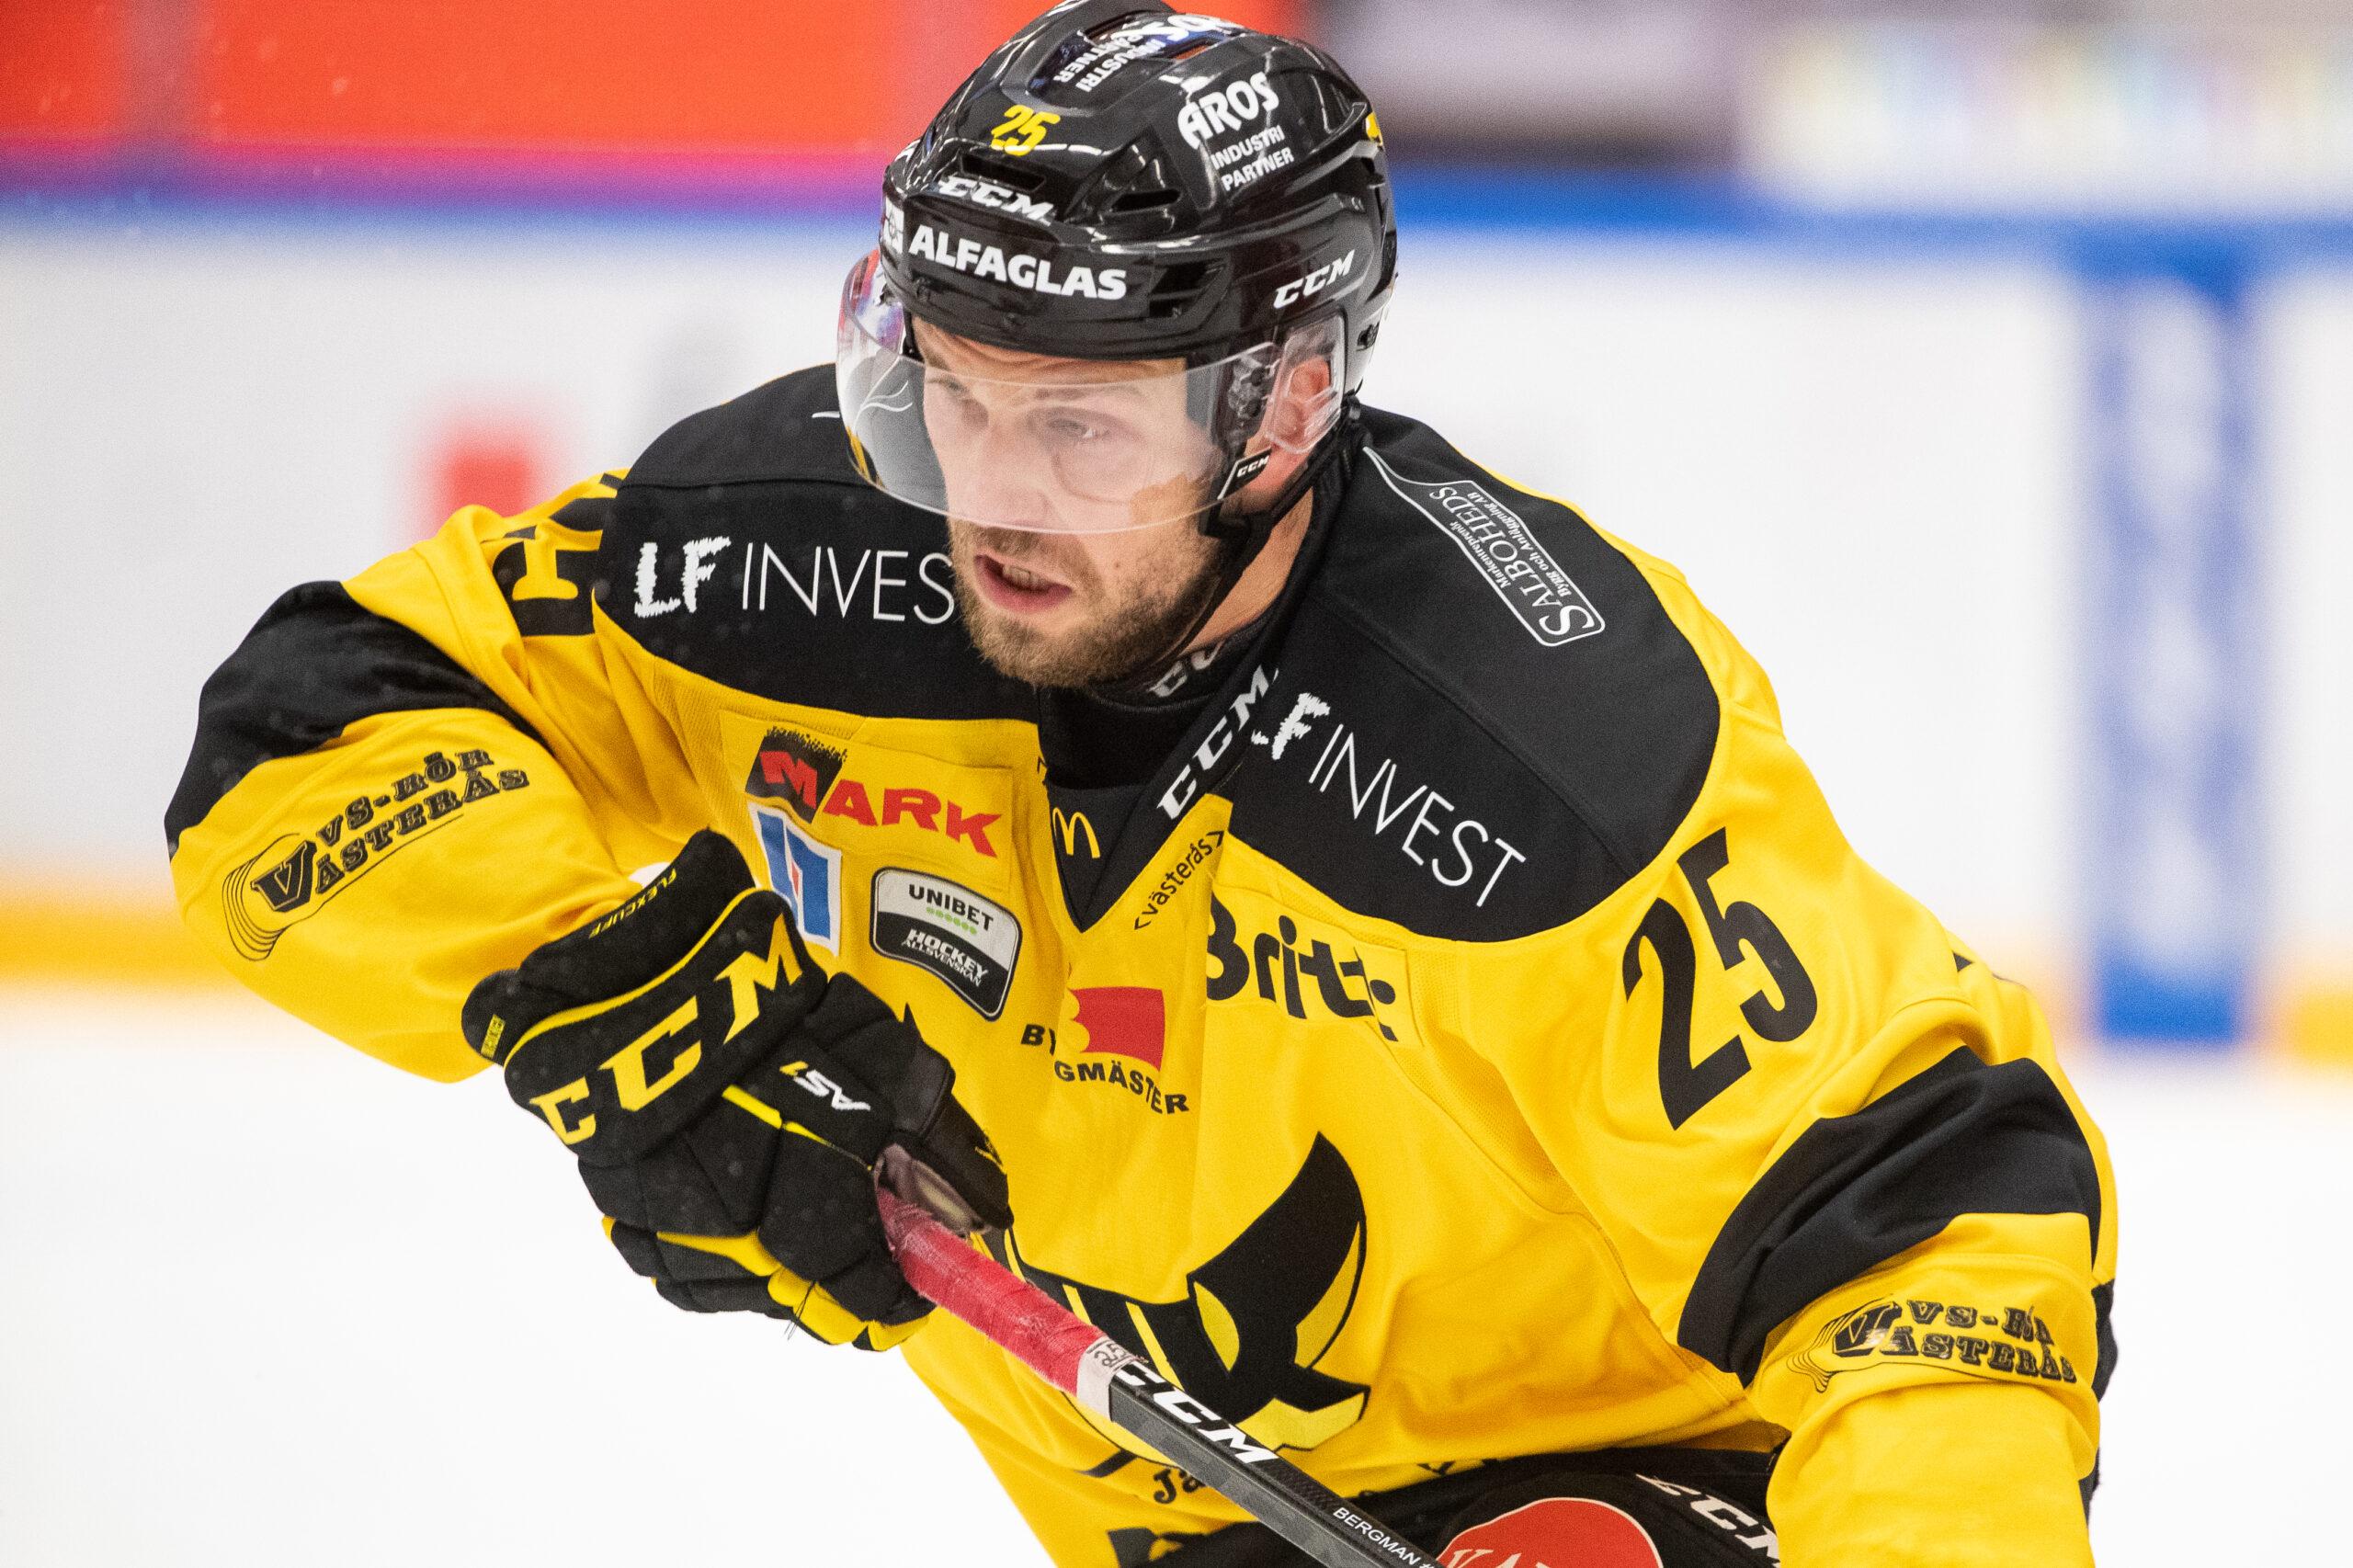 Västerås premiärvinnare när Örebro besegrades